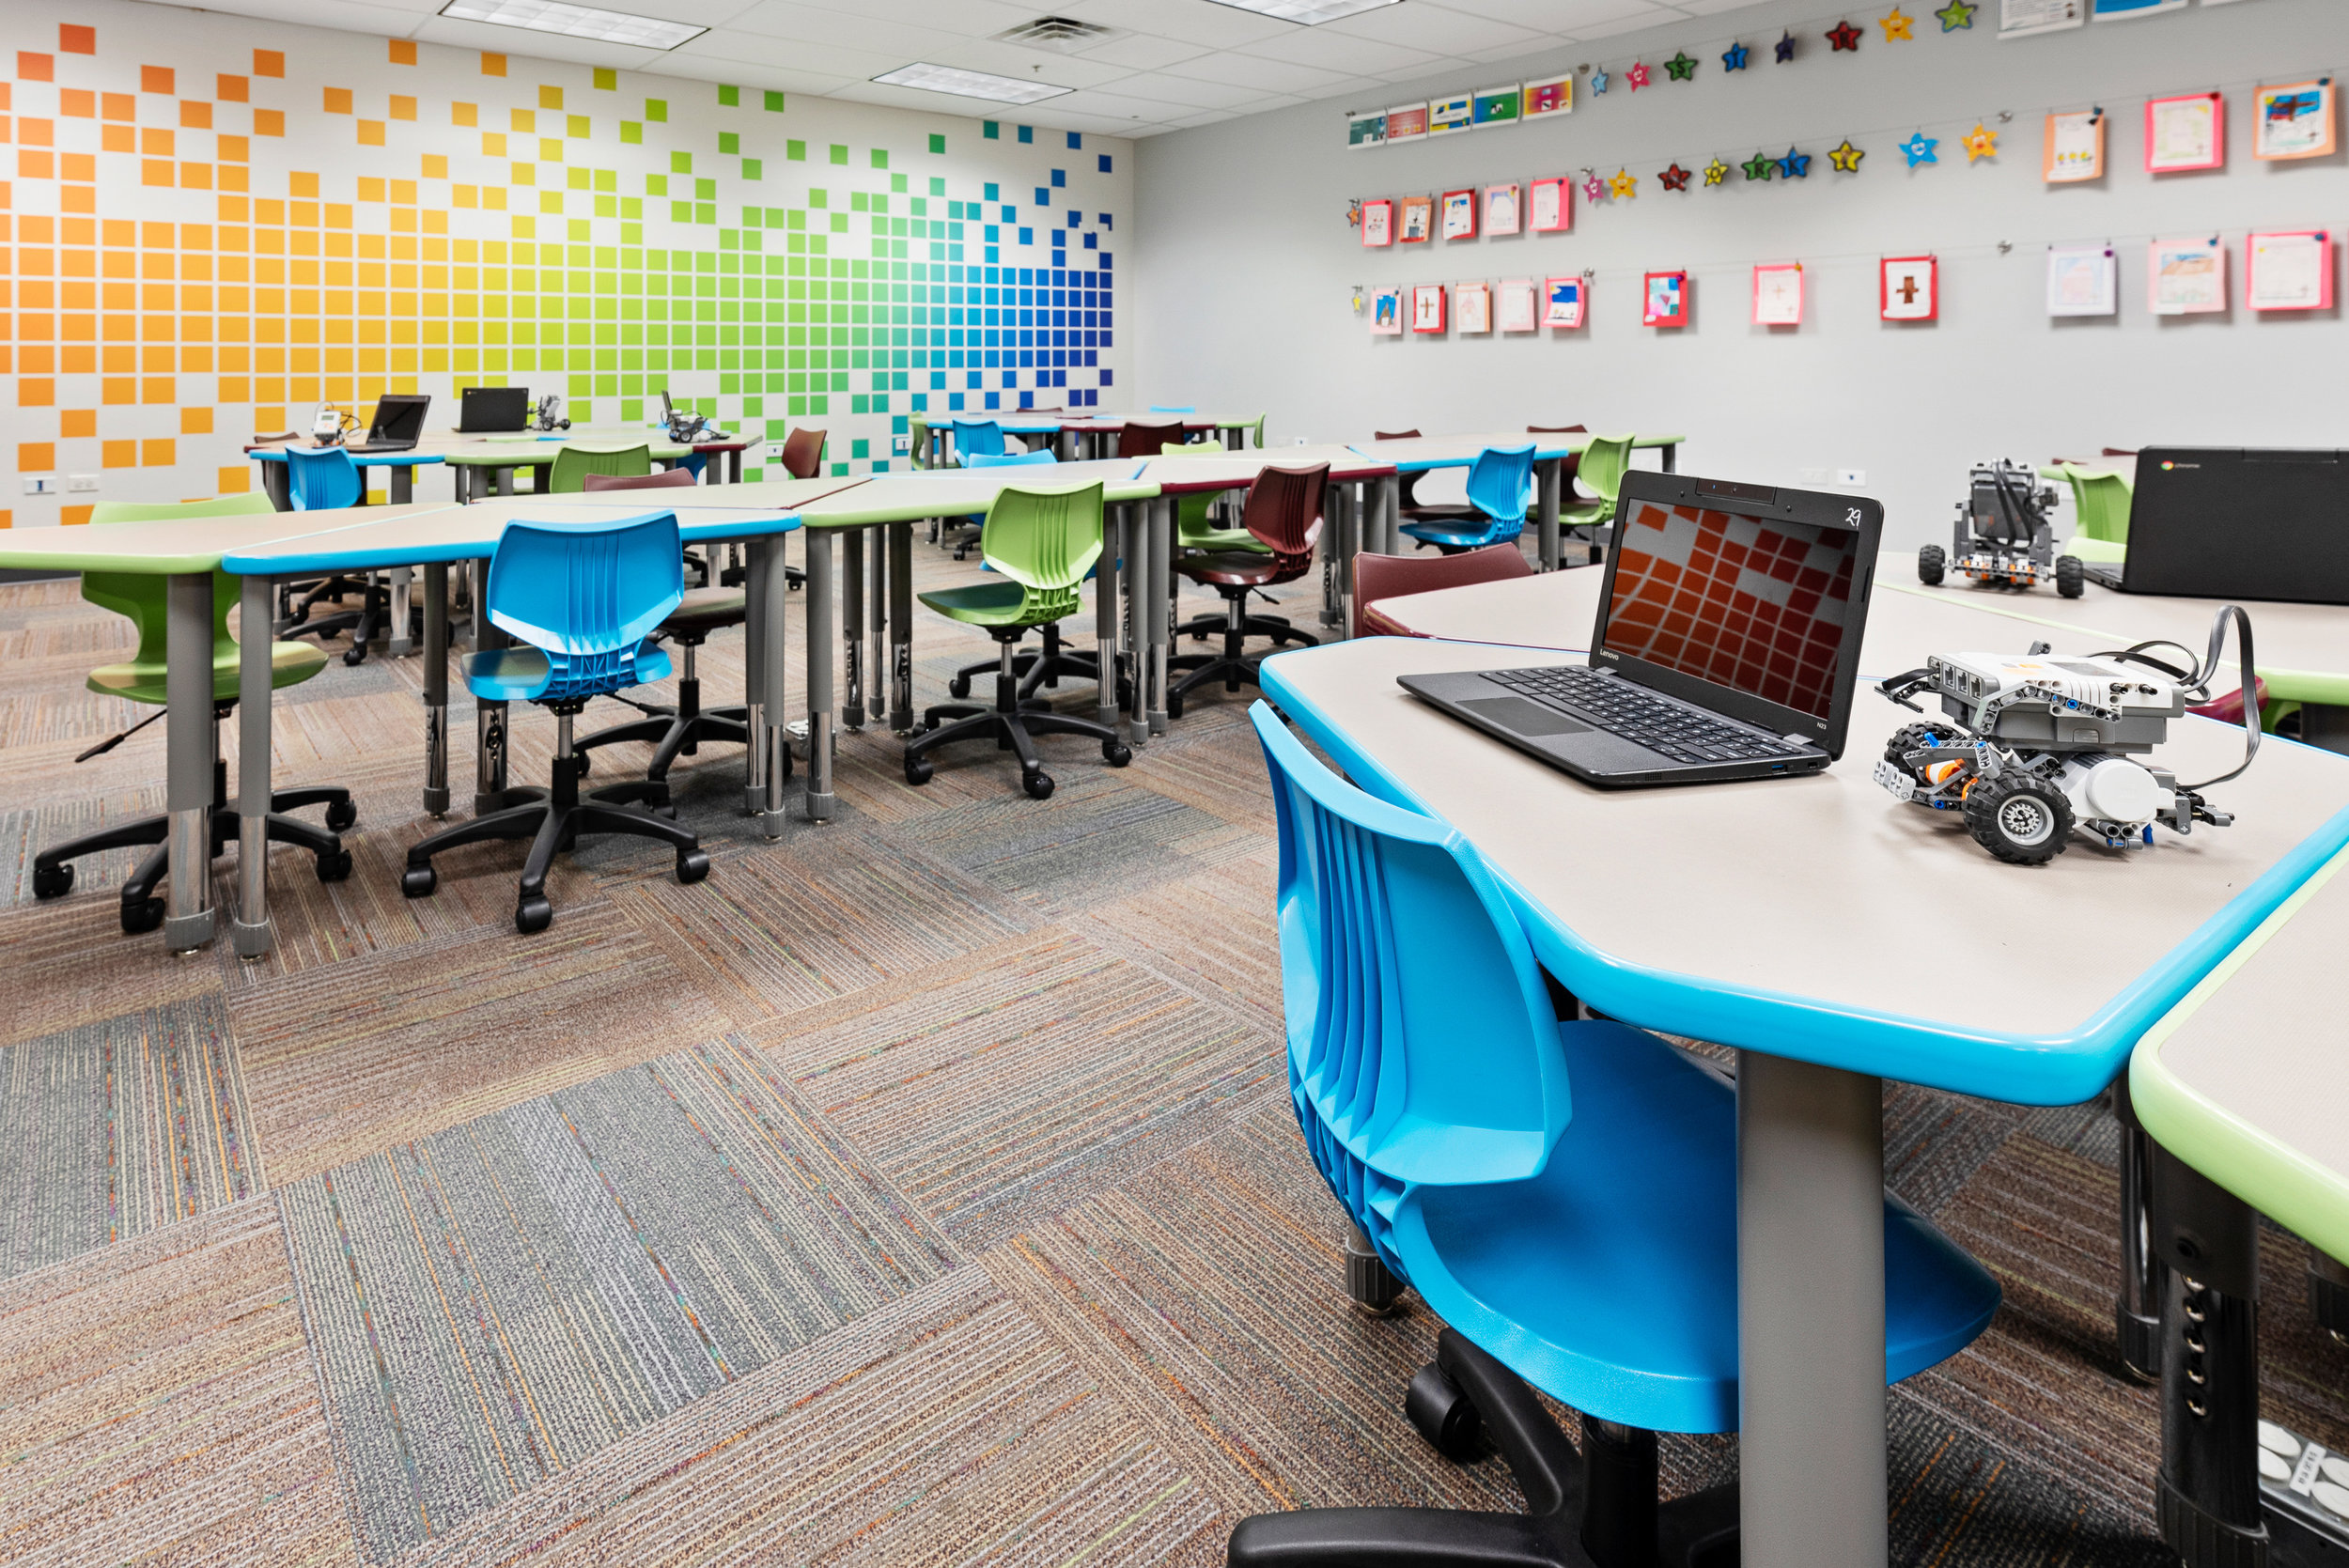 CJB Computer Lab